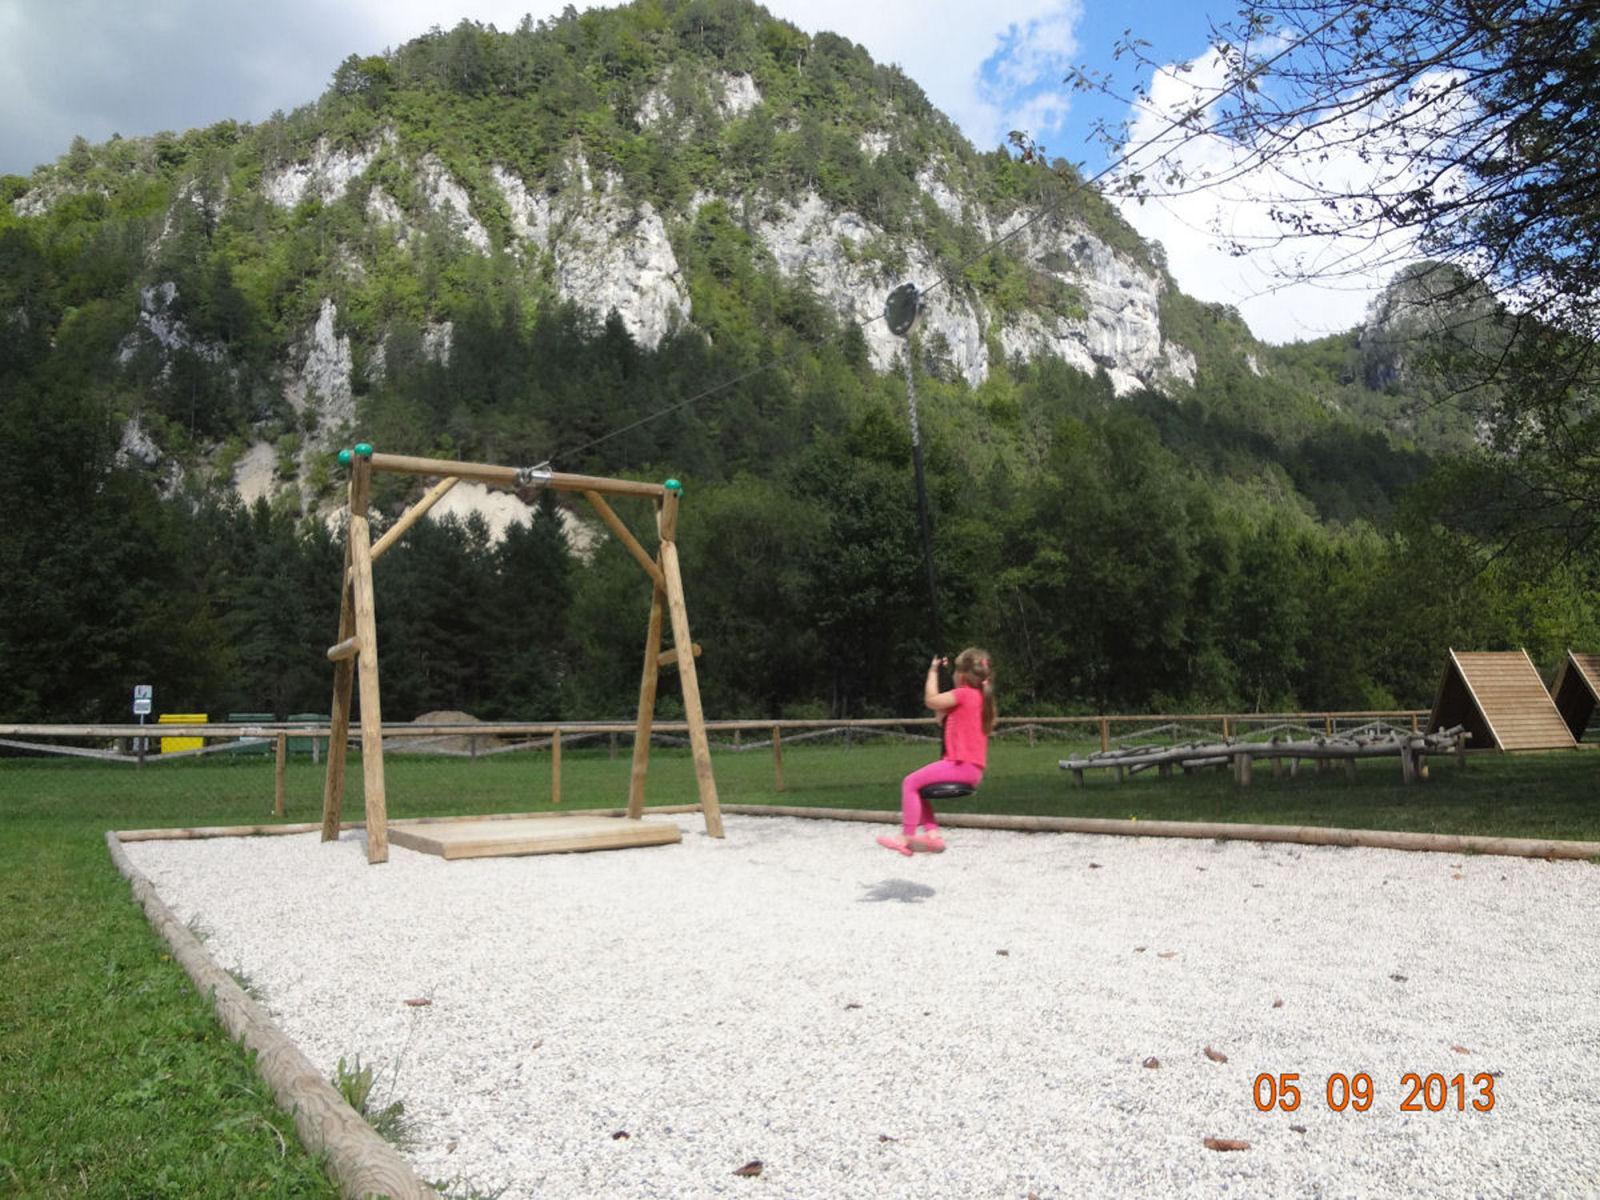 Otroško igrišče v bližini apartmaja na Gorenjskem v Sloveniji